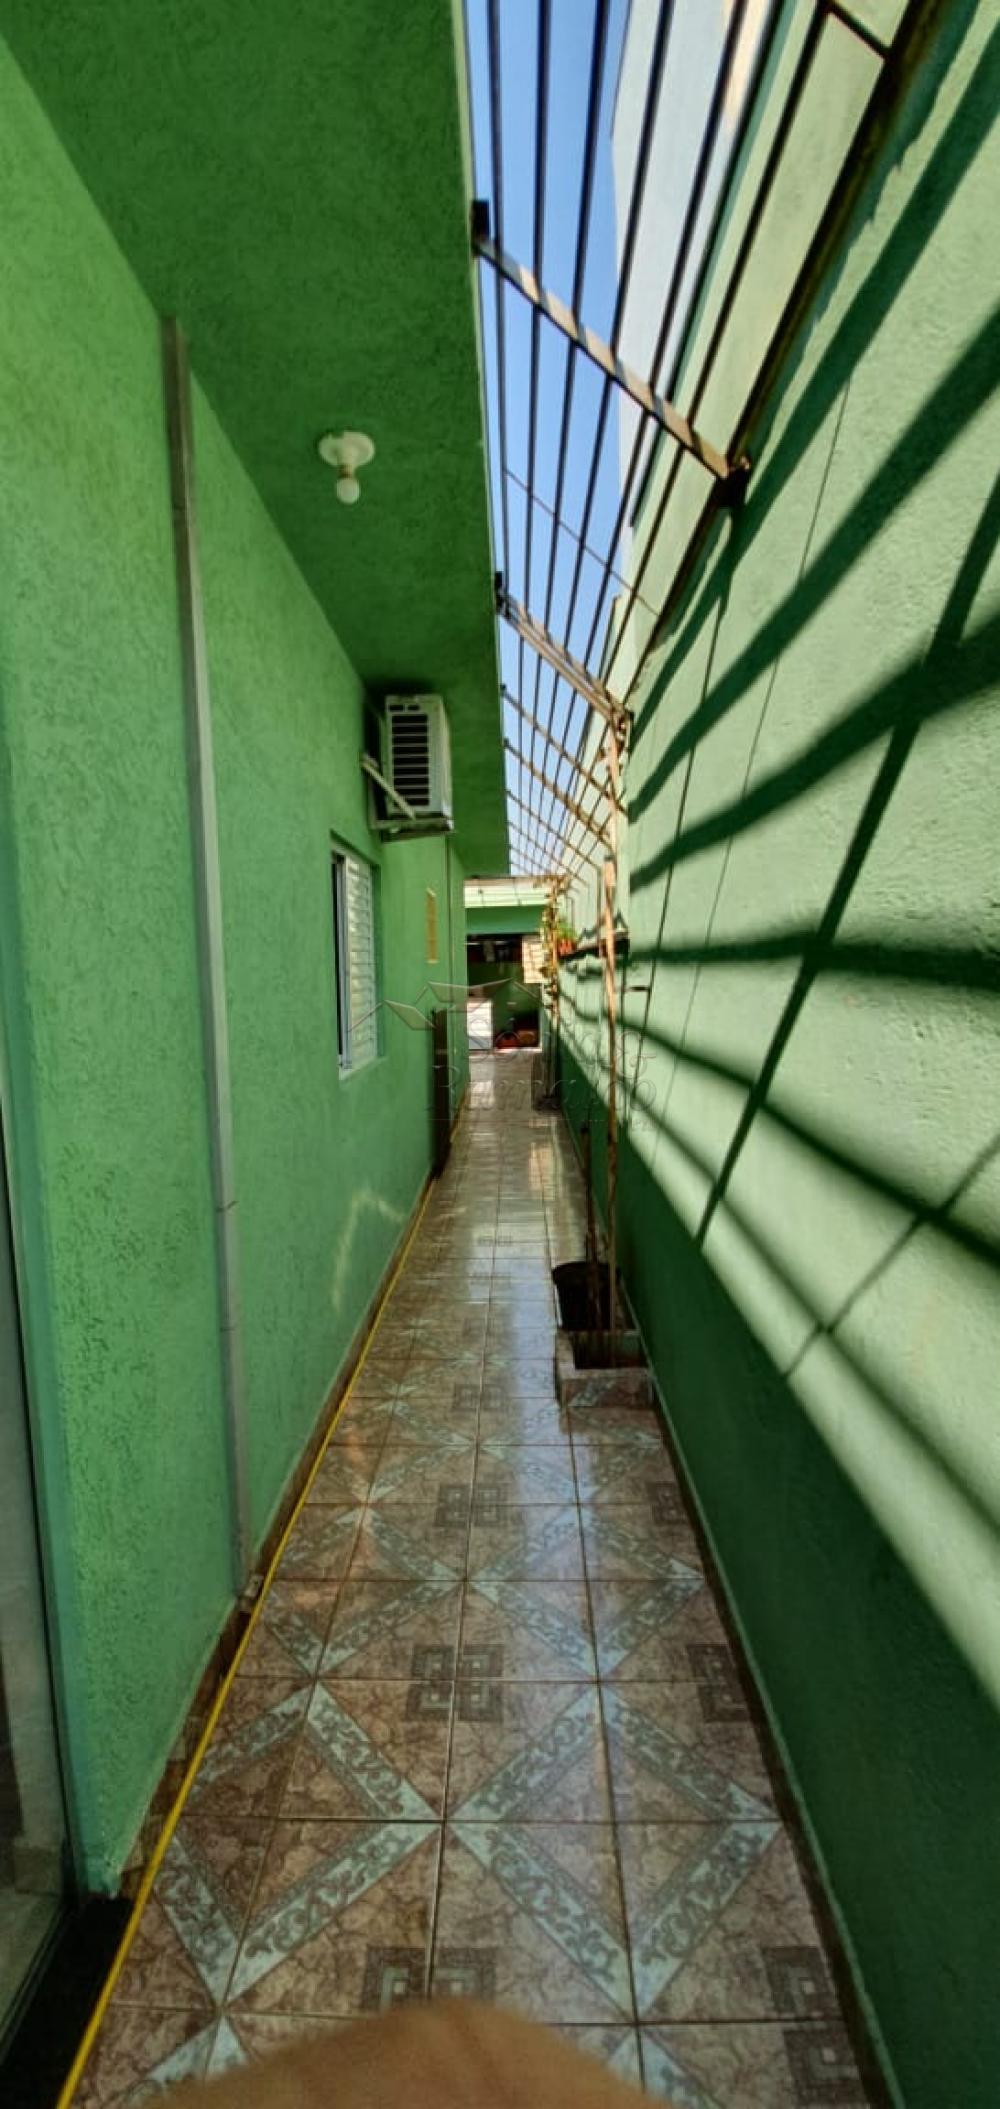 Comprar Casas / Padrão em Ribeirão Preto R$ 330.000,00 - Foto 17